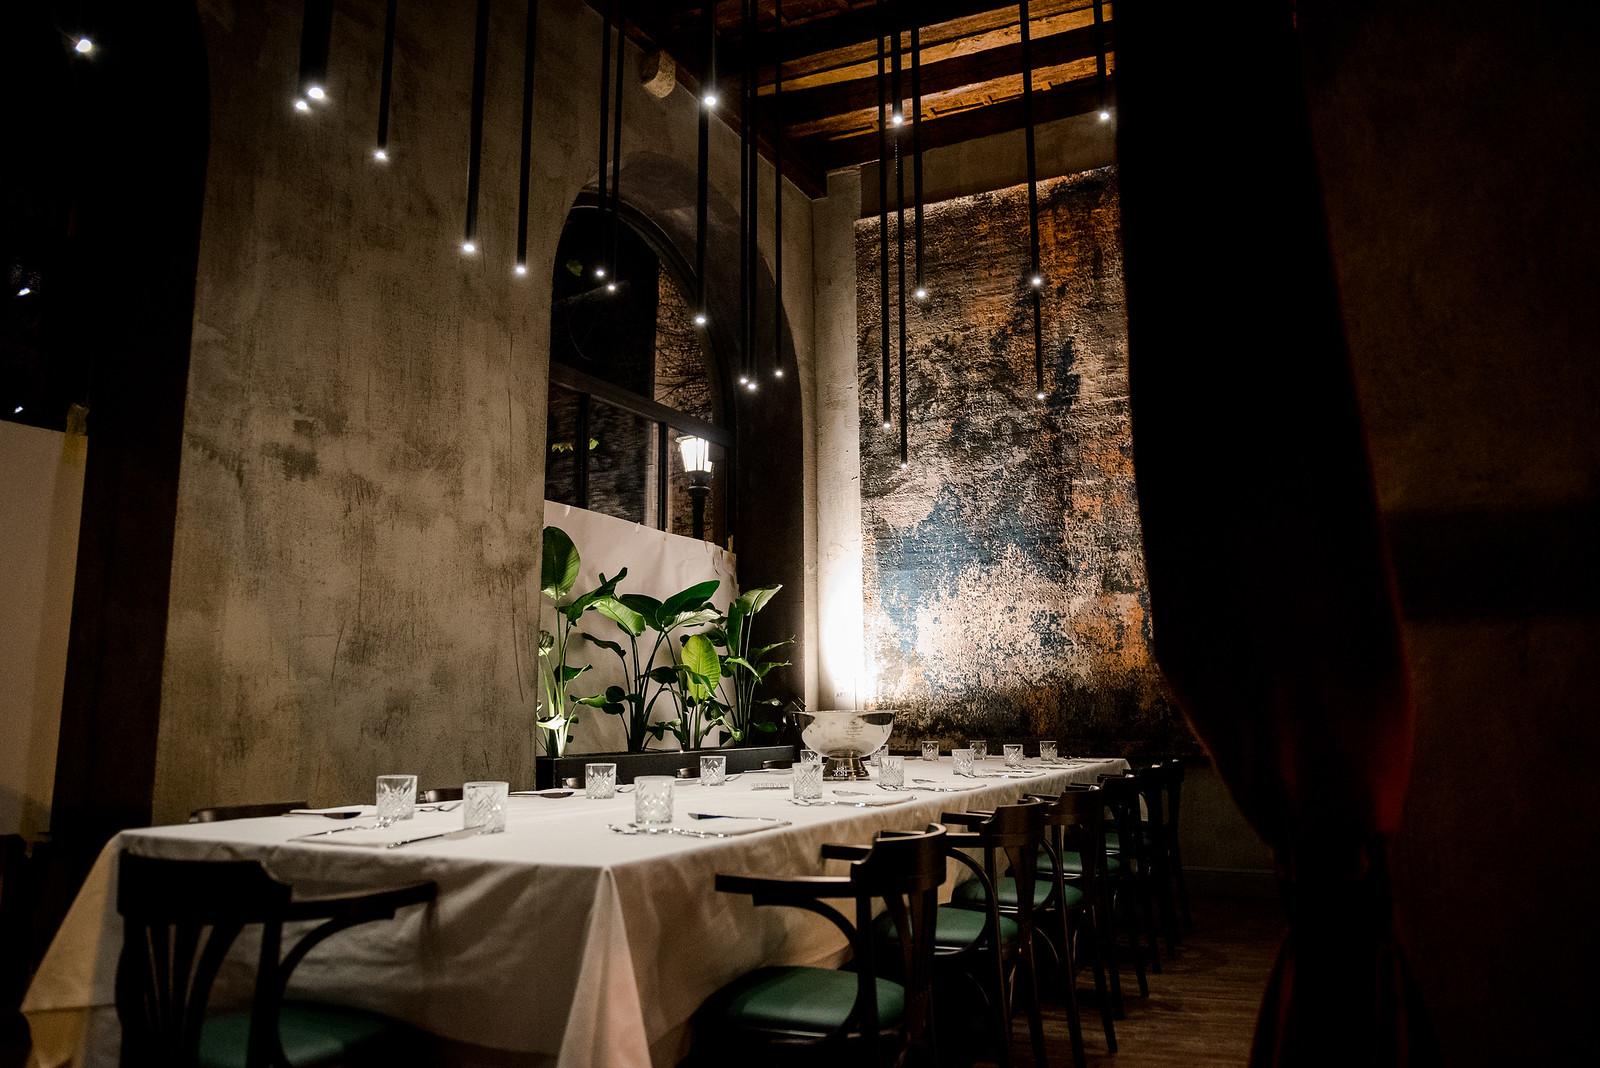 Apre Yard a Verona: il primo ristorante di cucina internazionale del Veneto